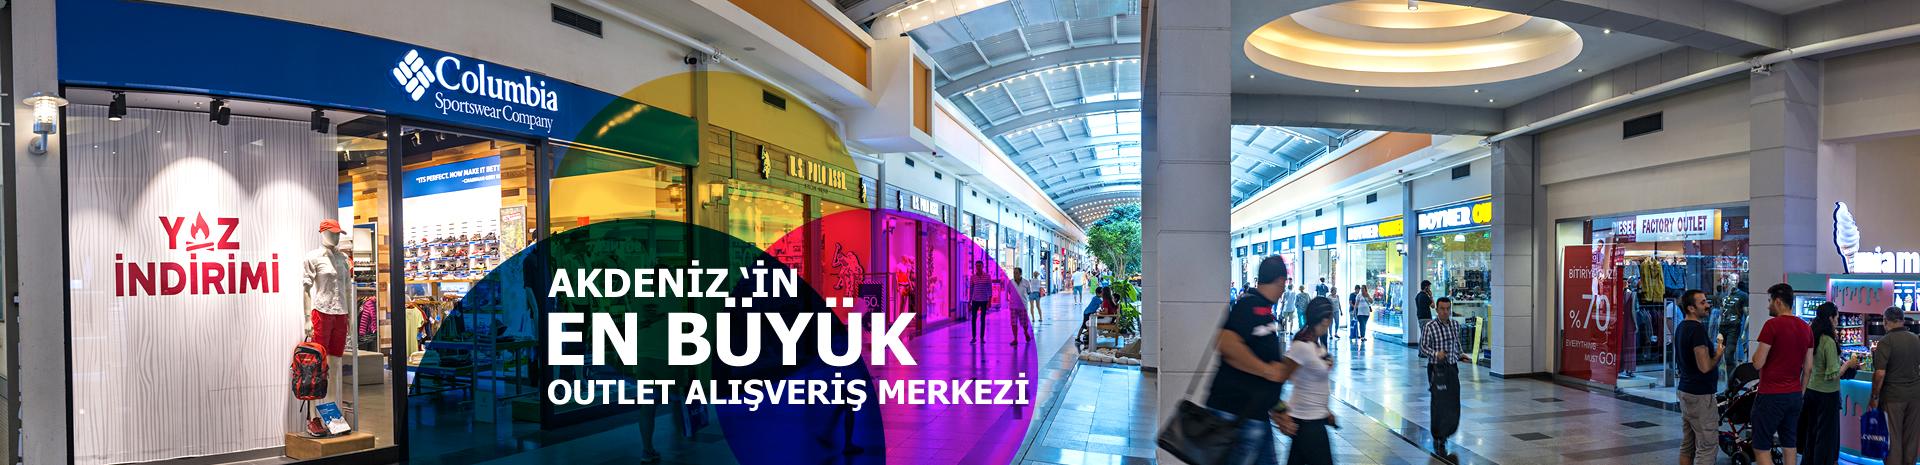 Antalya Outlet Alışveriş Merkezi